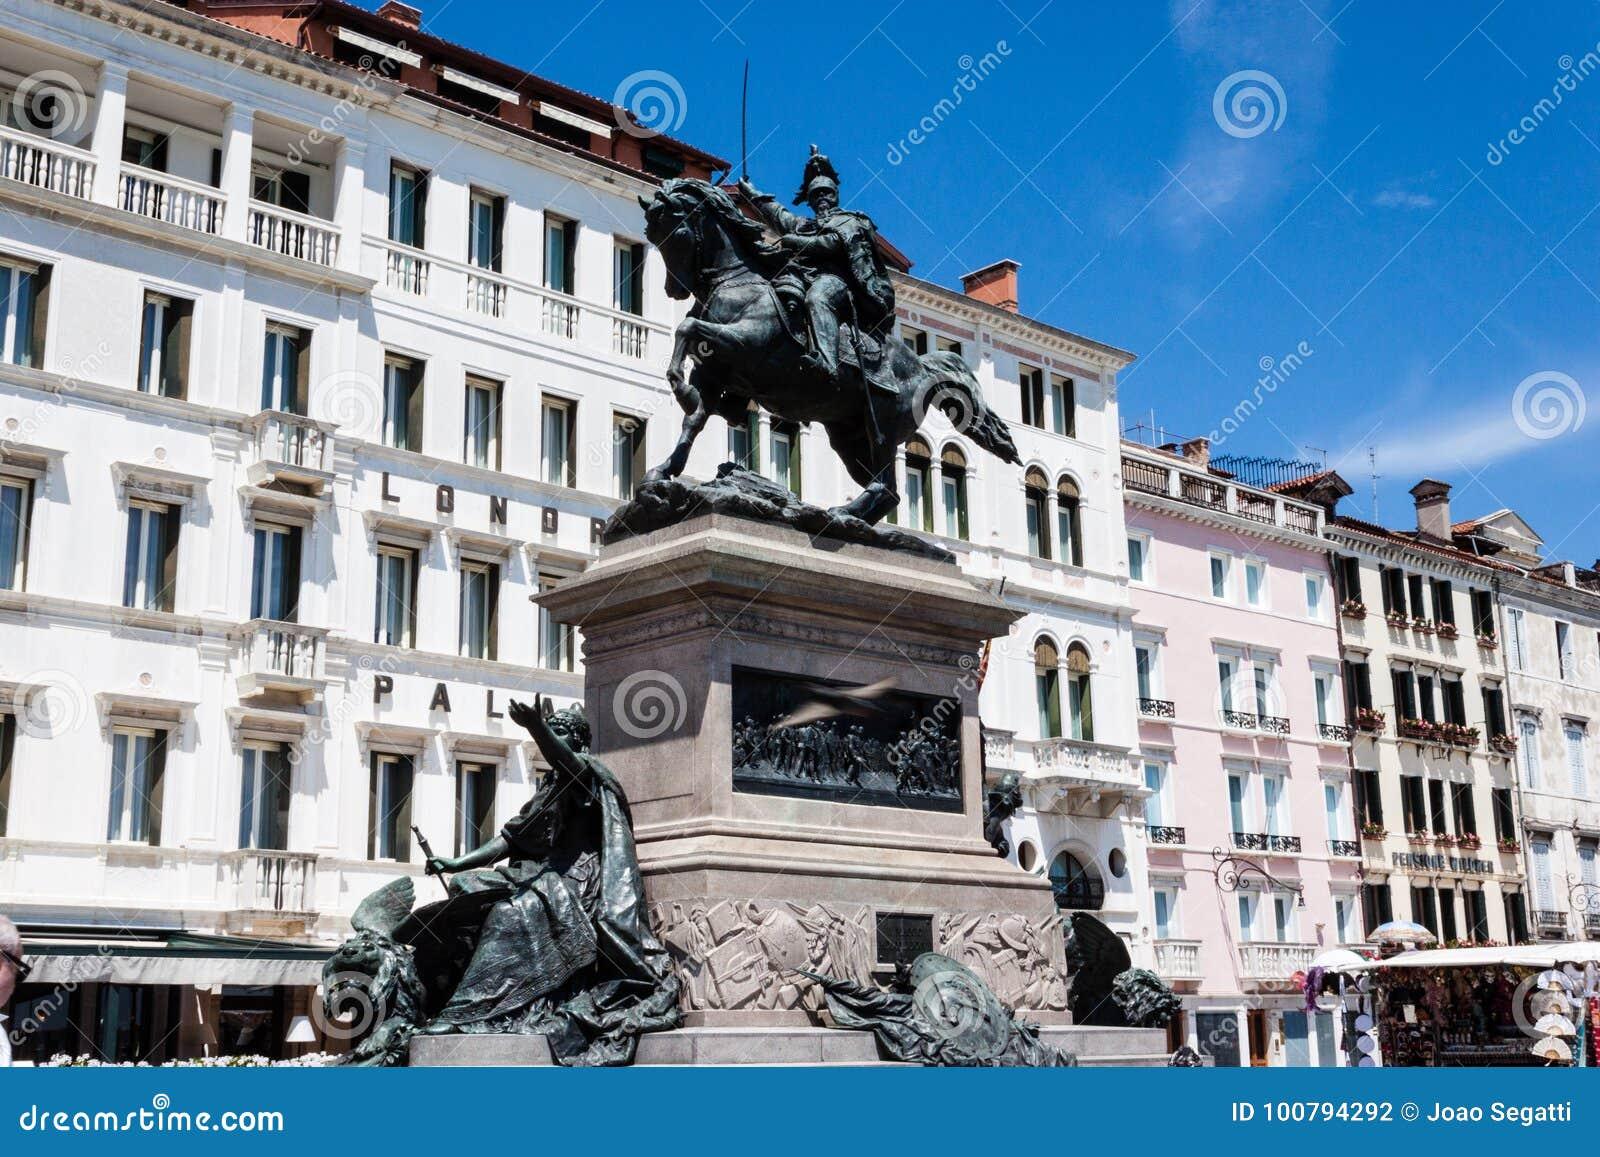 Il monumento Monumento Nazionale di Victor Emmanuel II Vittorio Emanuele II